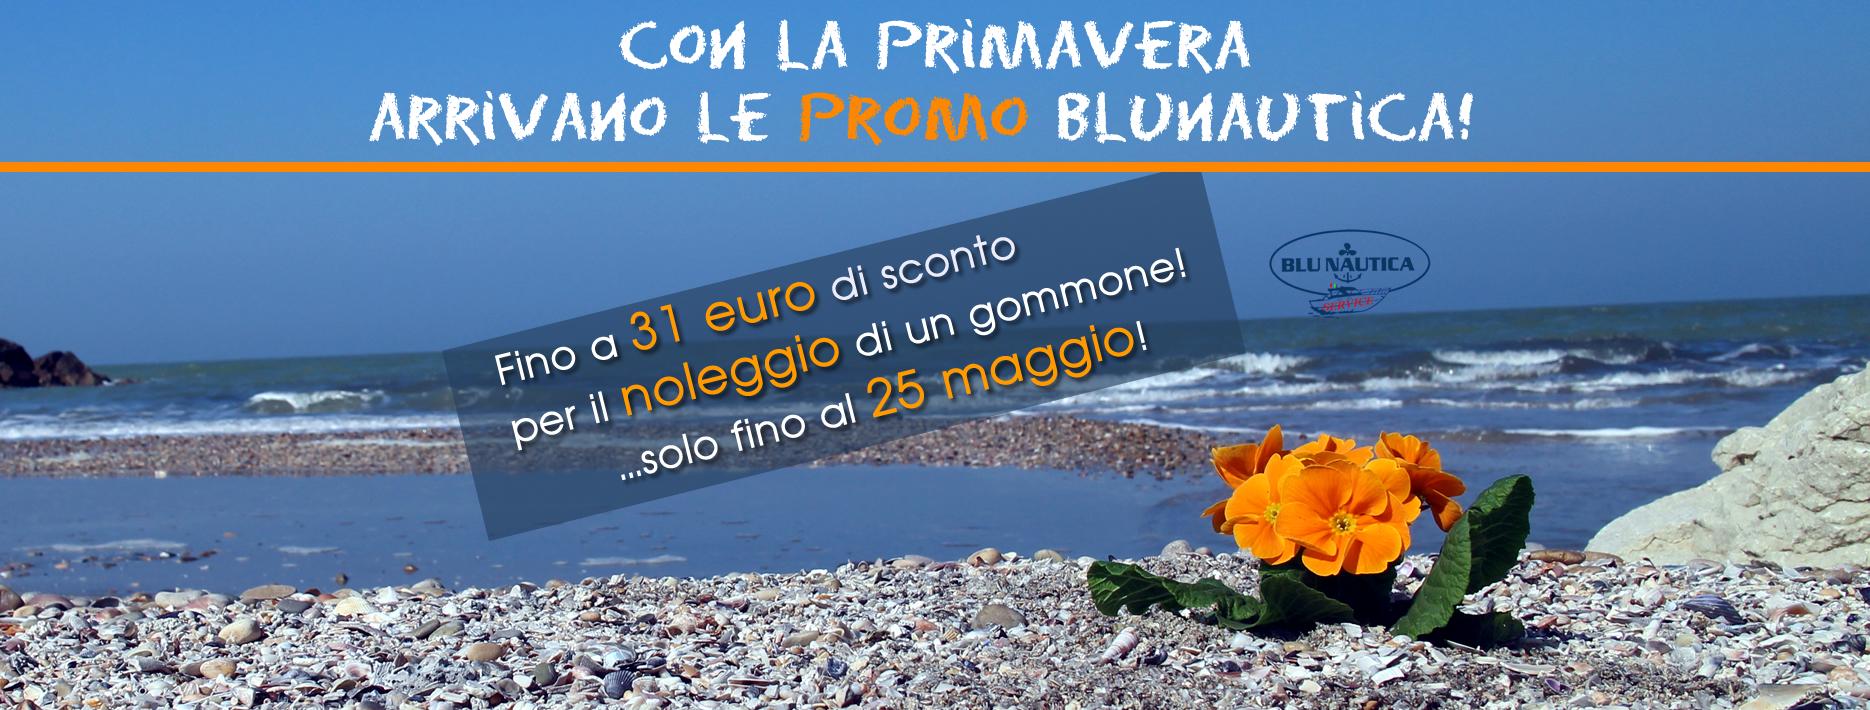 Blunautica noleggio gommoni - promo di primavera